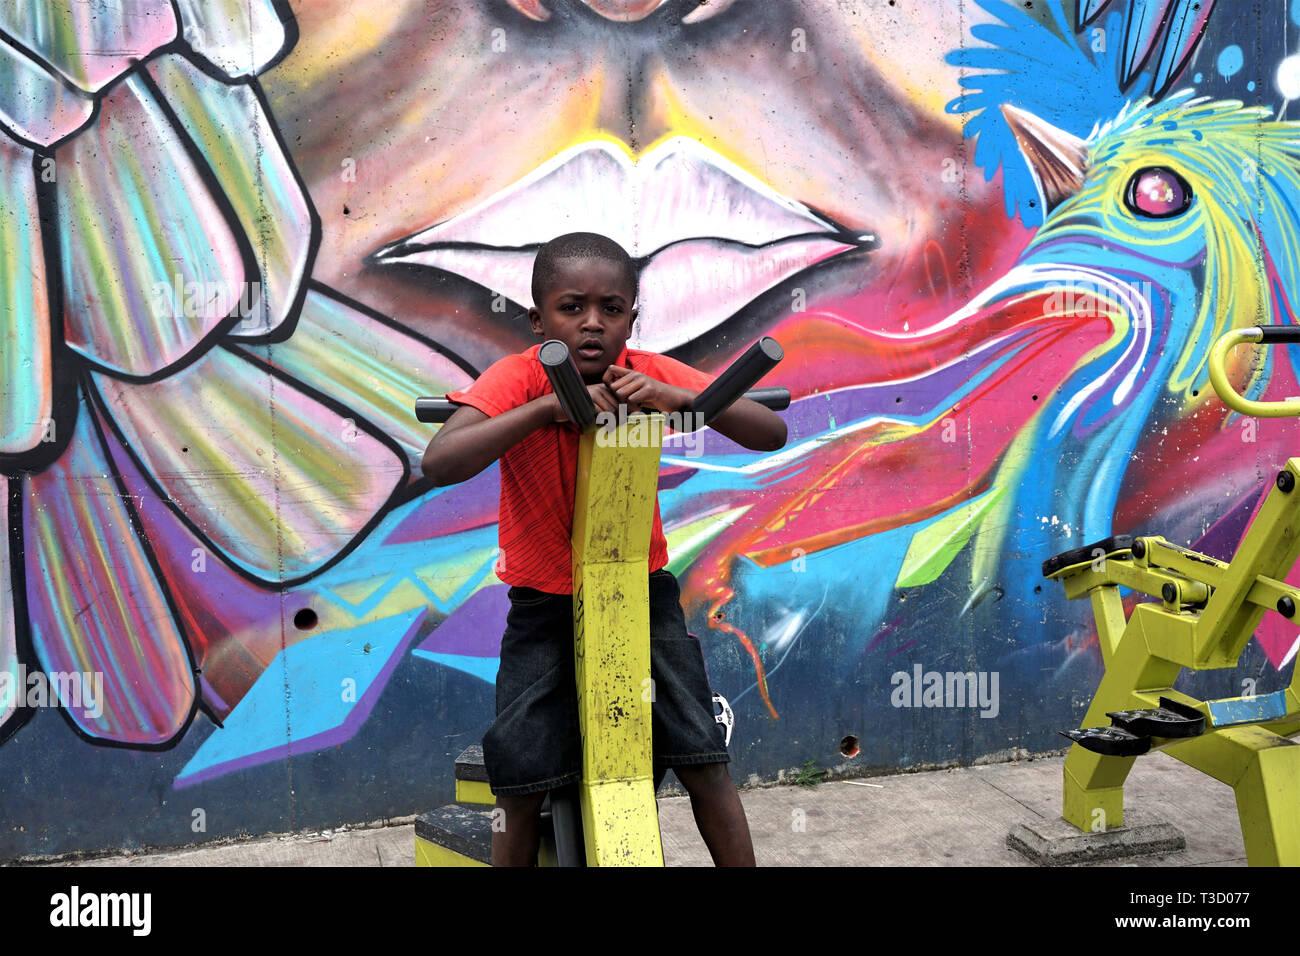 Muchacho sobre una máquina de ejercicio al aire libre en la parte delantera de un colorido mural en la Comuna 13 de Medellín, Colombia Imagen De Stock